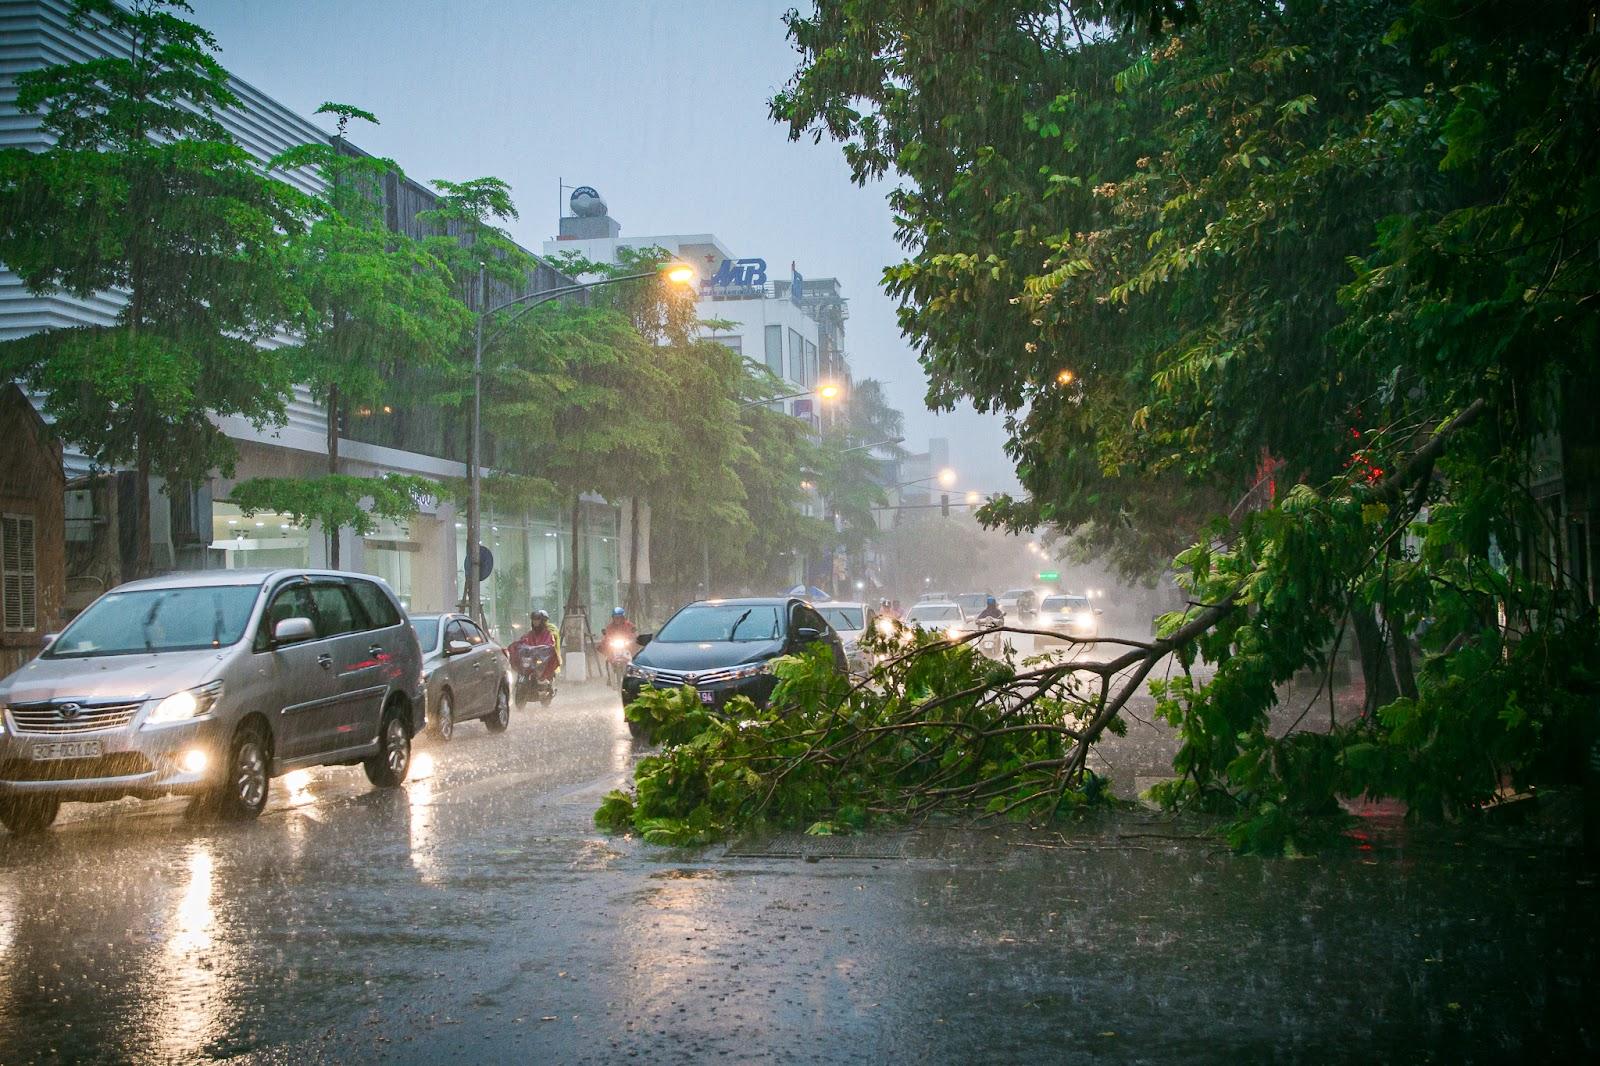 Ảnh hưởng của bão đến cuộc sống người dân